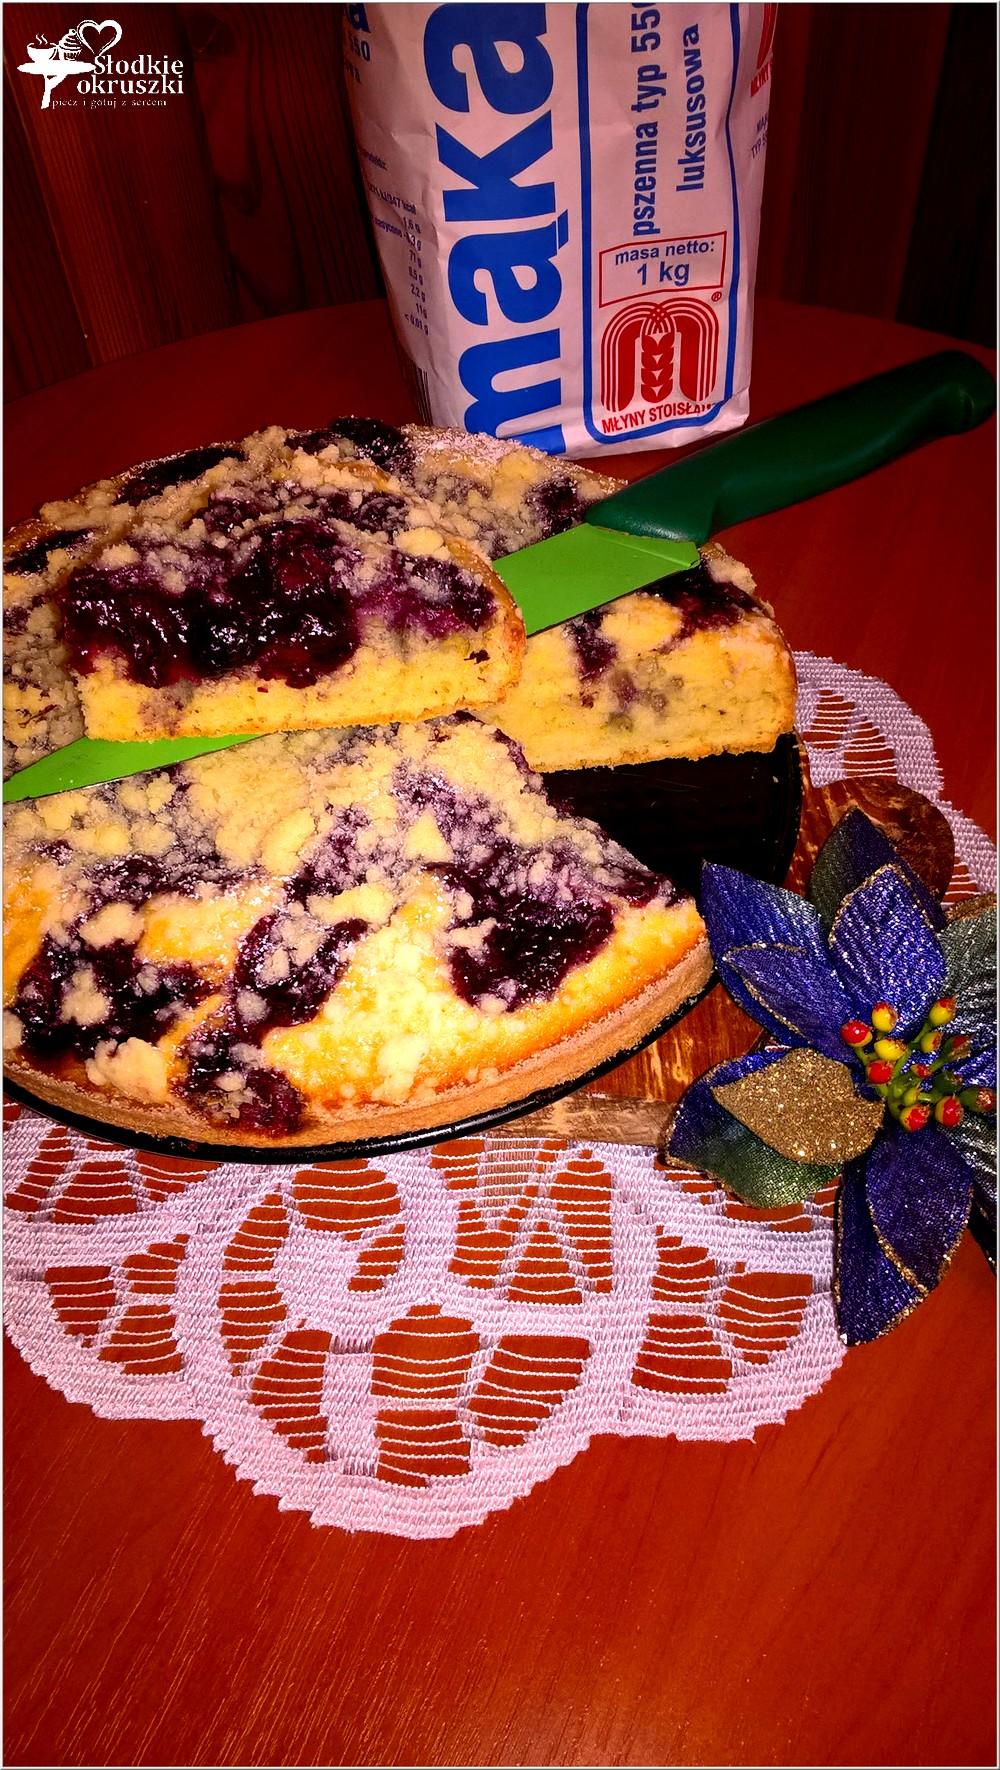 ciasto-z-konfitura-z-borowki-i-2-urodziny-bloga-2